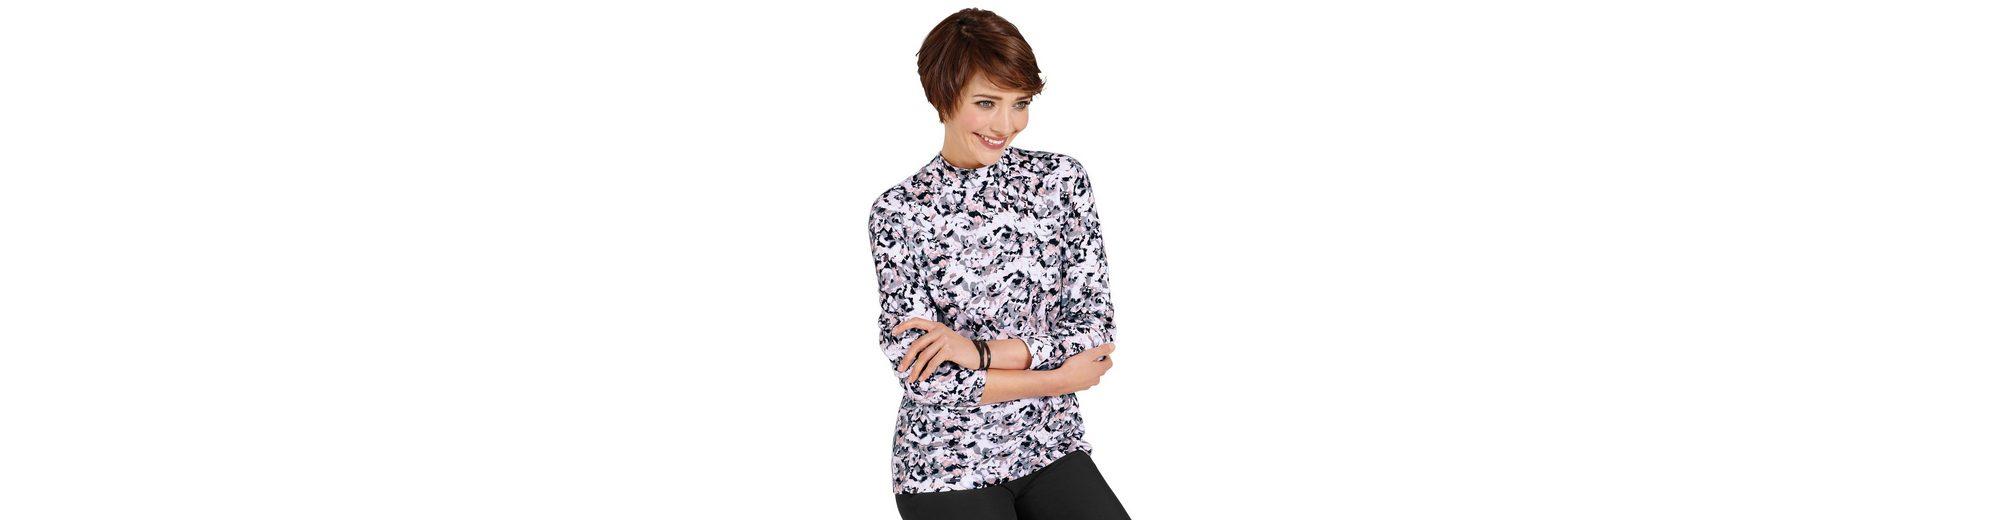 Rabatt Suche Billig Verkauf Nicekicks Classic Basics Shirt im romantischem Blütendessin Besuchen Online-Verkauf Neu Billige Sast Neueste Zum Verkauf F9gsasPu0V